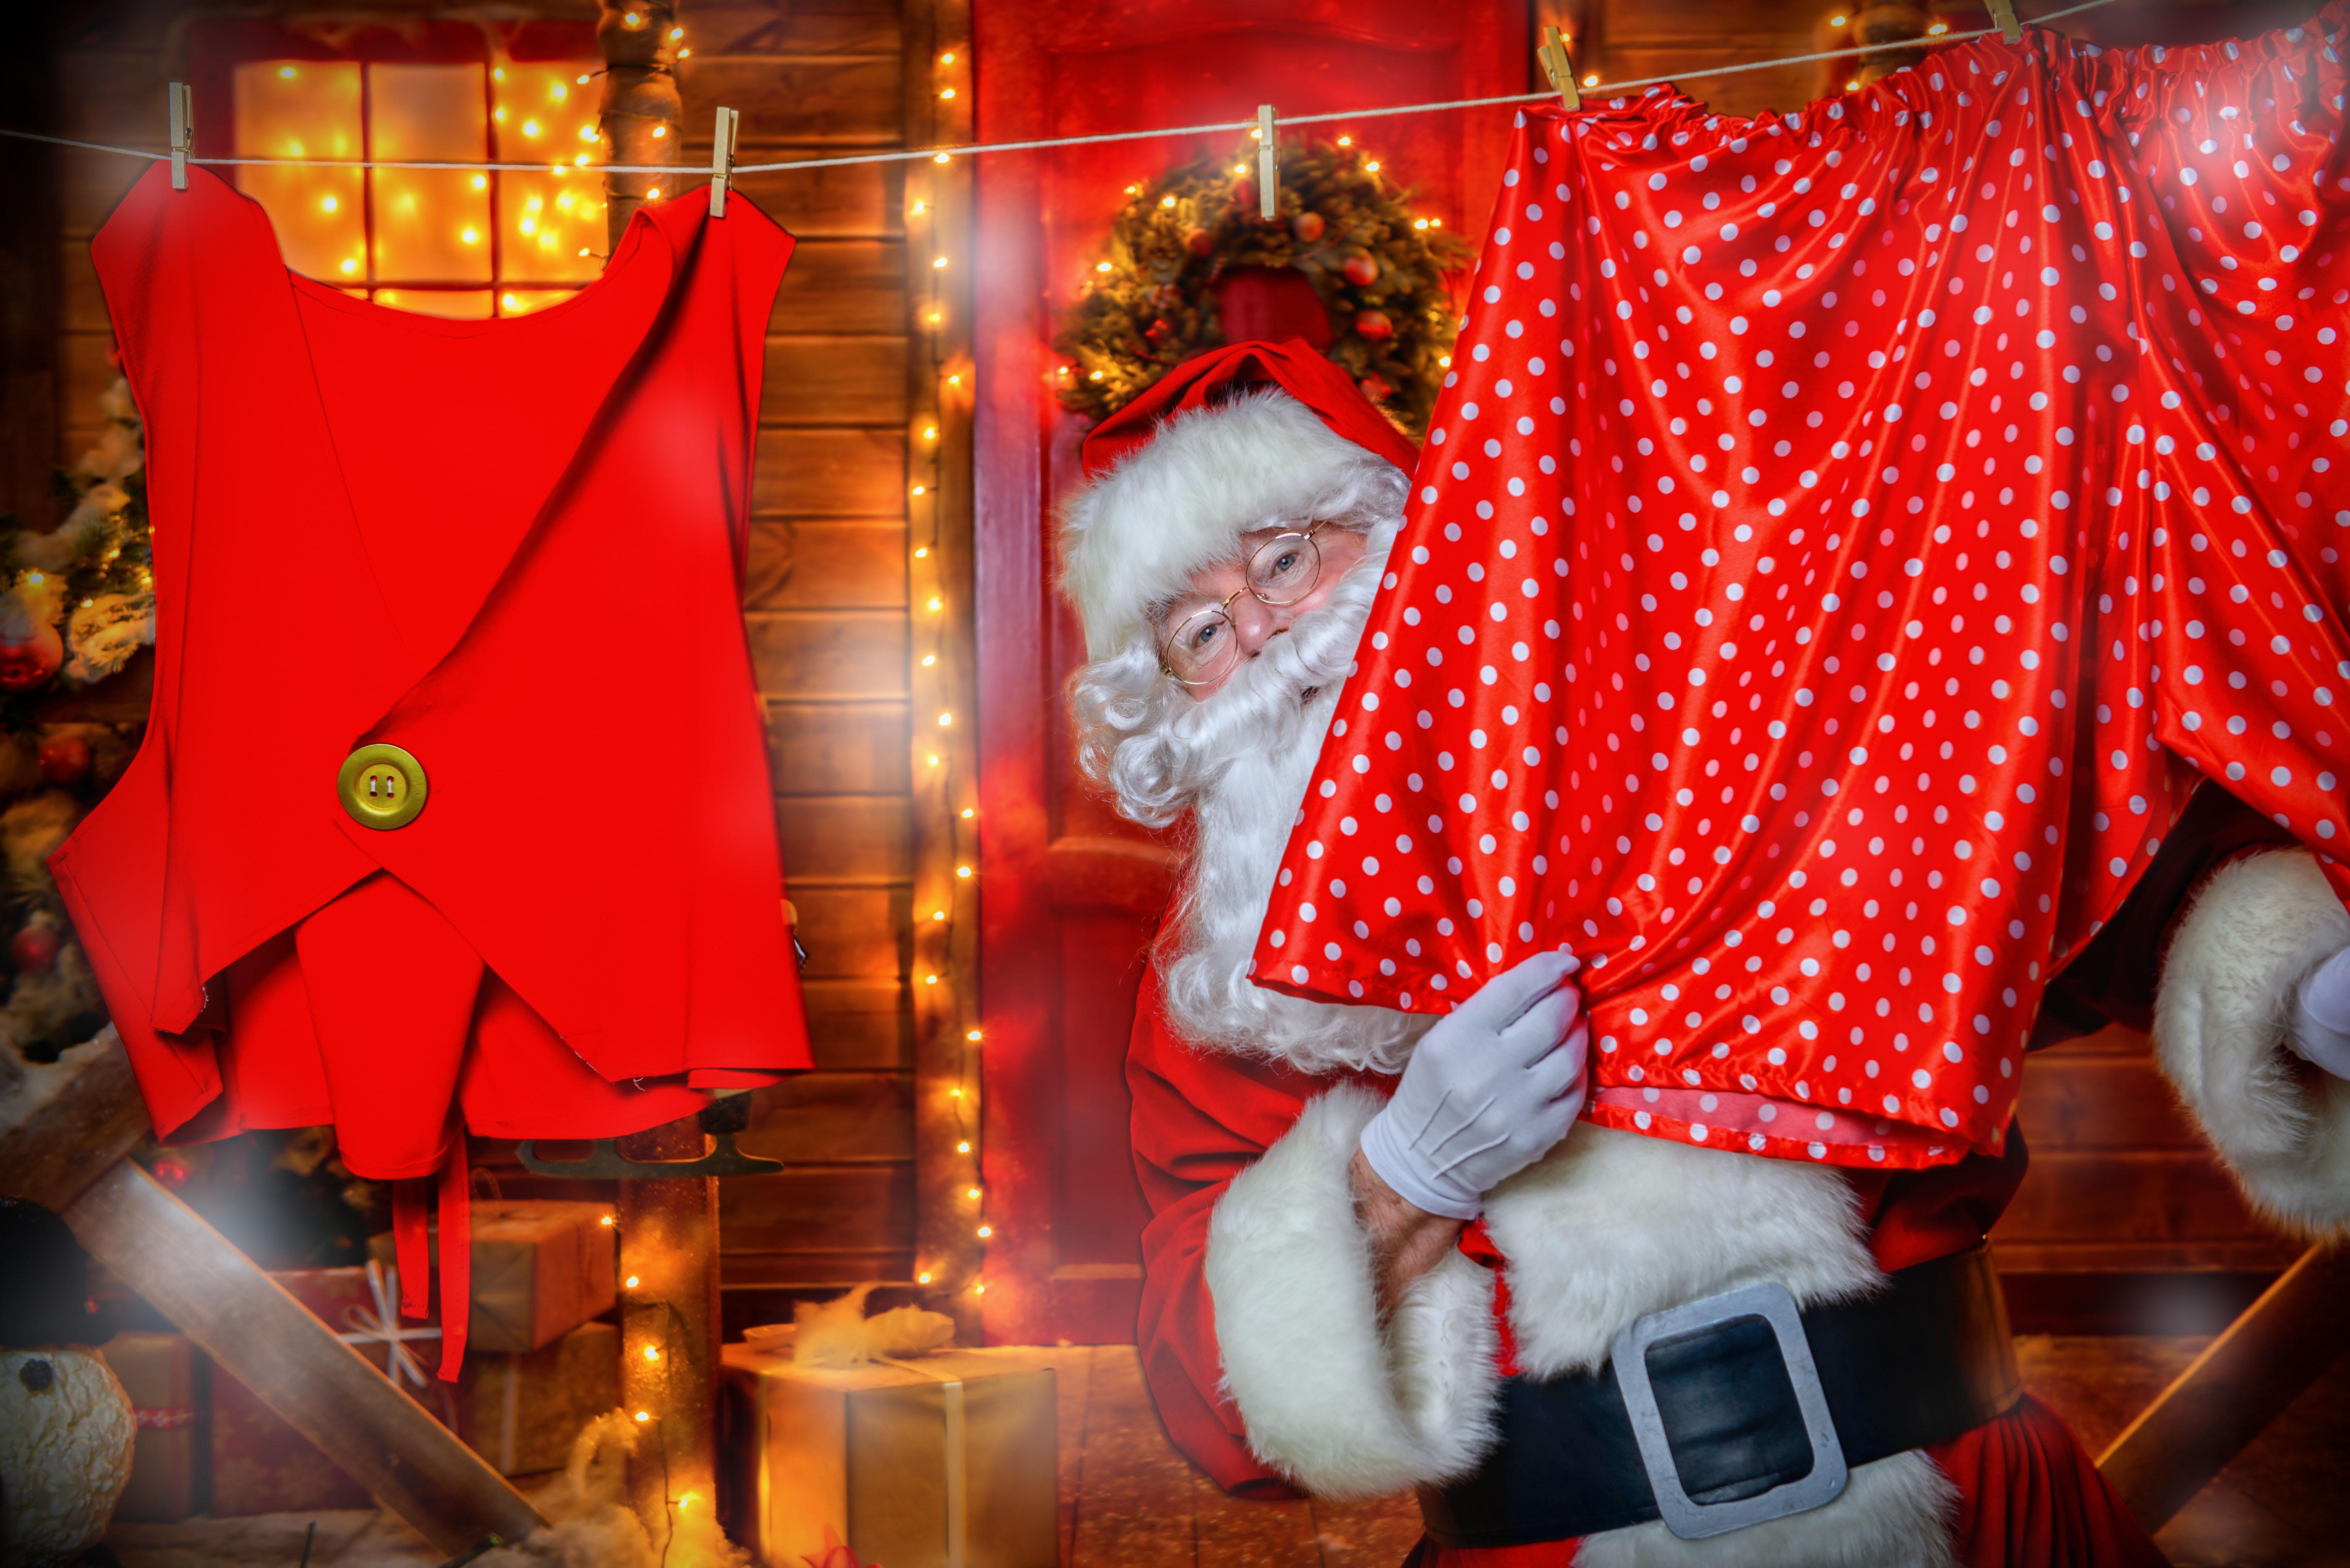 Segundo a lenda finlandesa, o Papai Noel, a sua mulher e uma equipe de gnomos vivem na Colina de Korvatunturi, na Lapônia Finlandesa. A casa do Bom Velhinho pode ser visitada a qualquer época do ano /